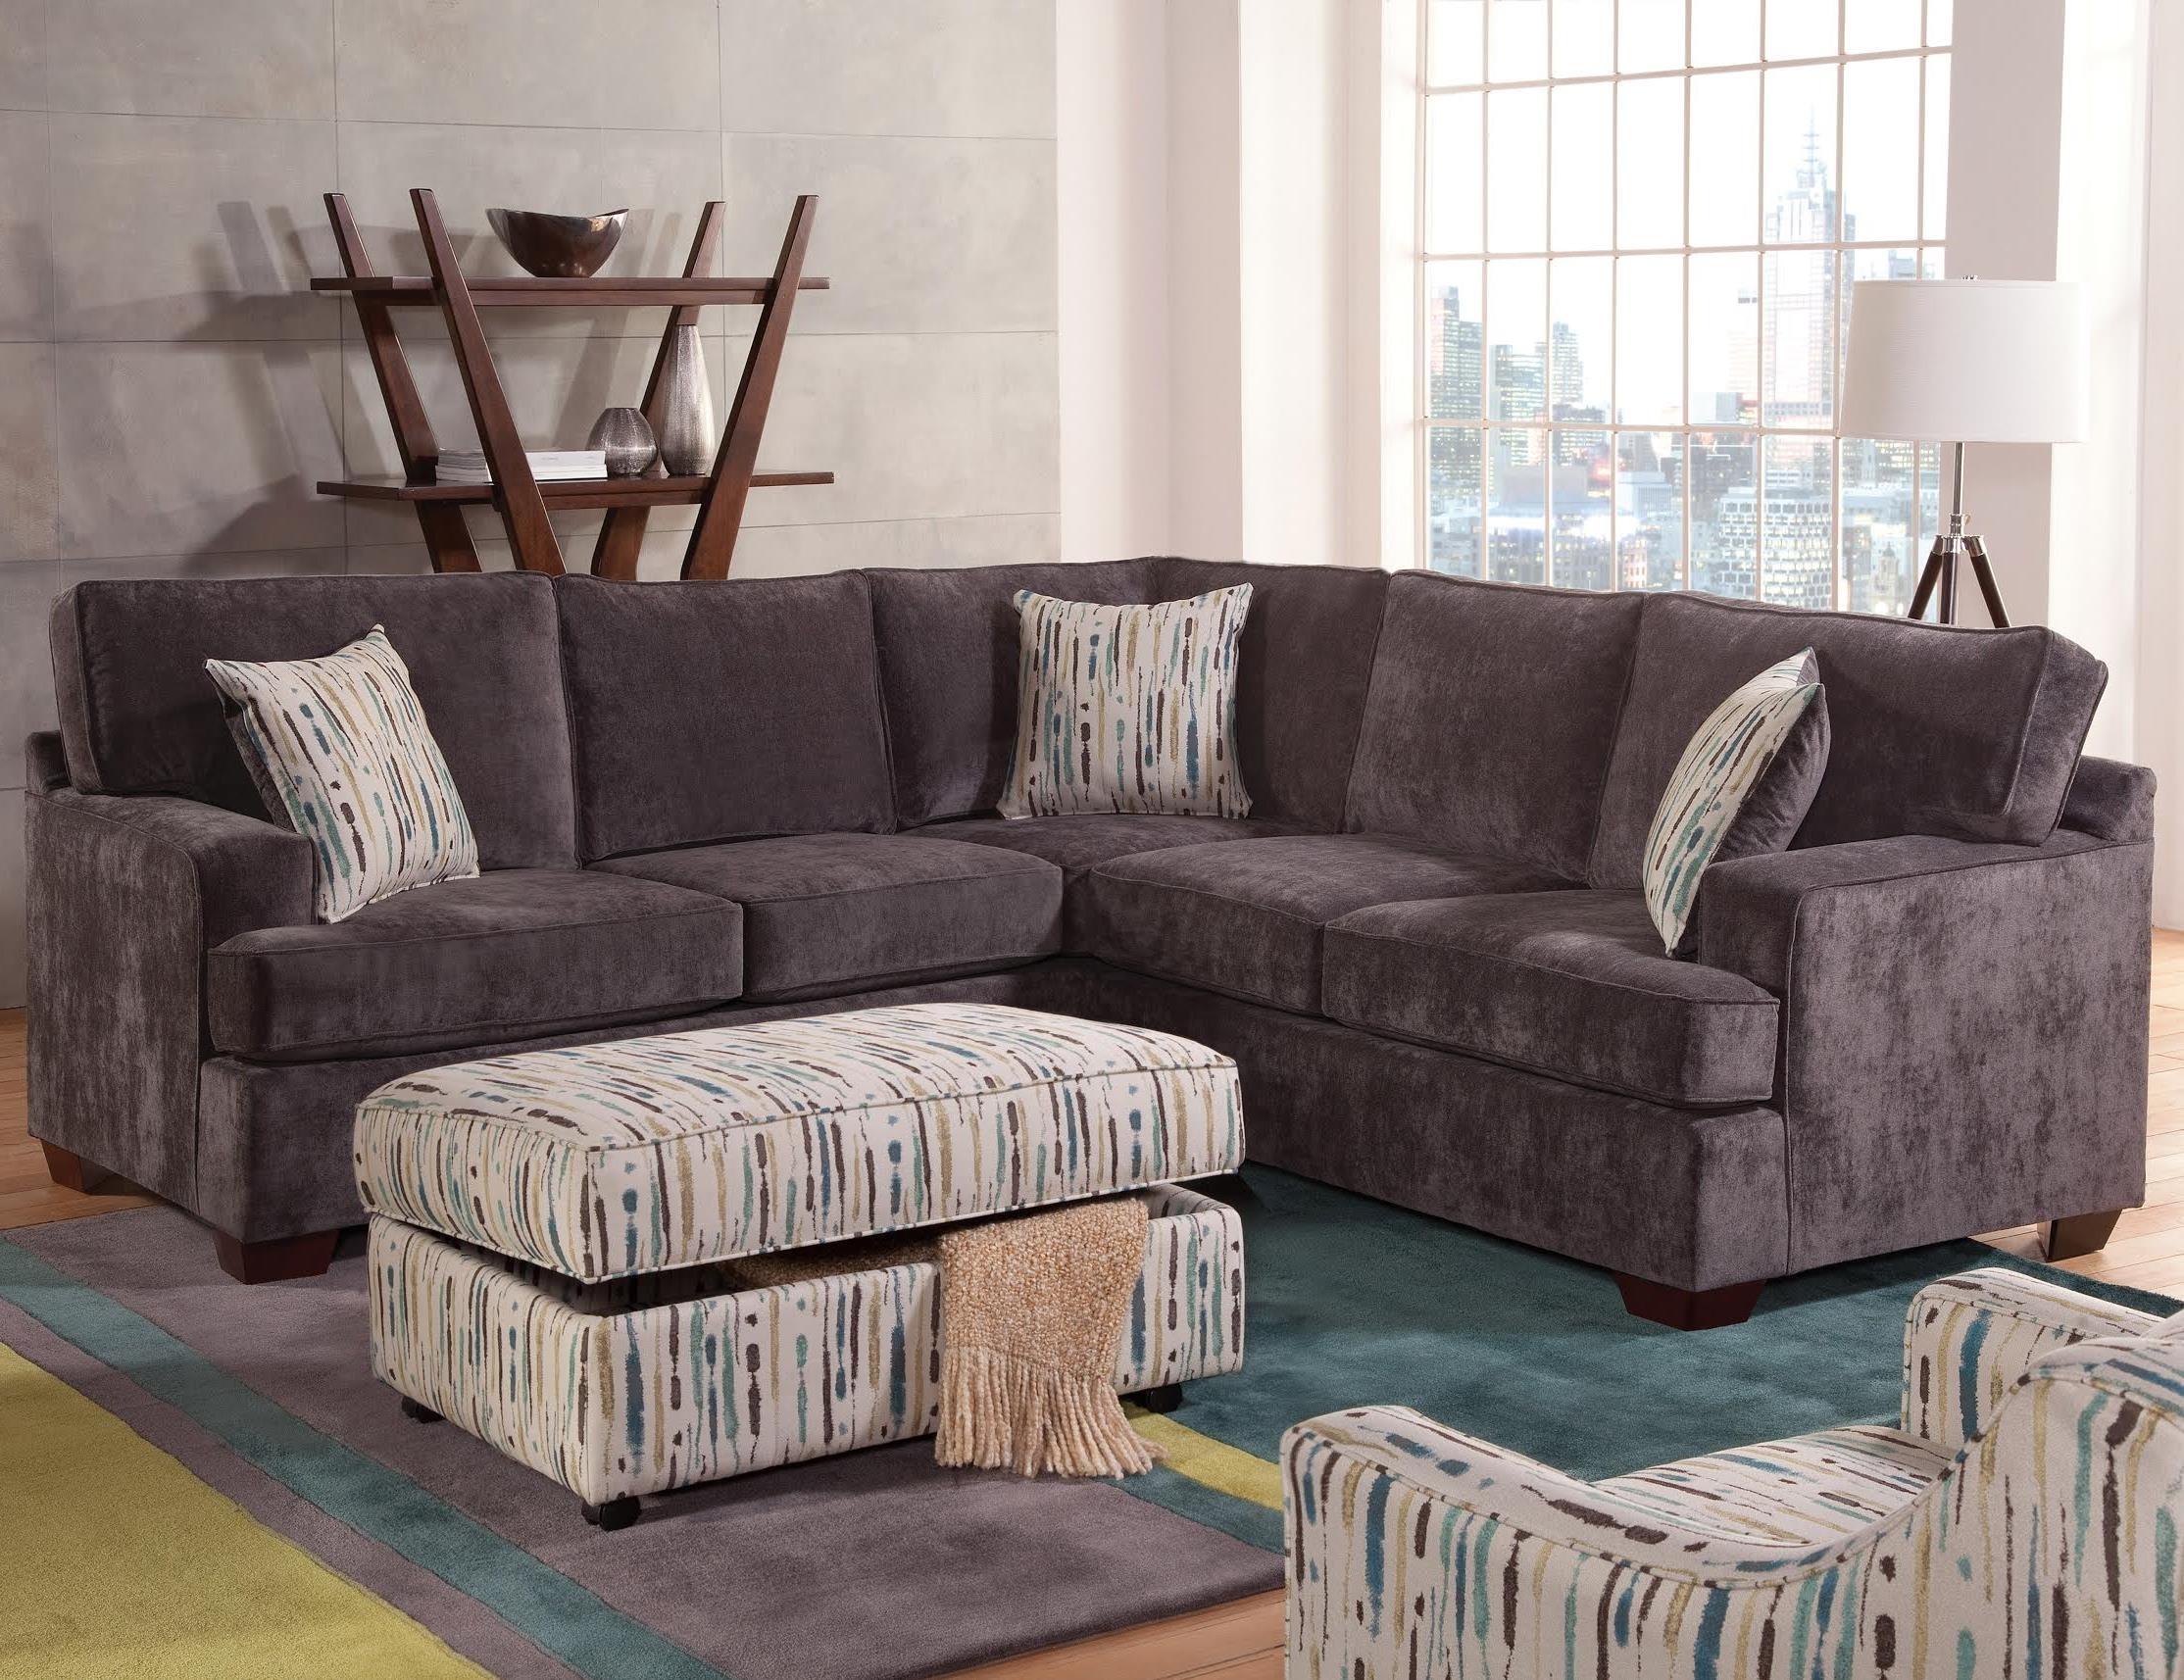 Jedd Fabric Reclining Sectional Sofa Reviews Sofas Contemporary San Regarding Jedd Fabric Reclining Sectional Sofas (Image 4 of 10)